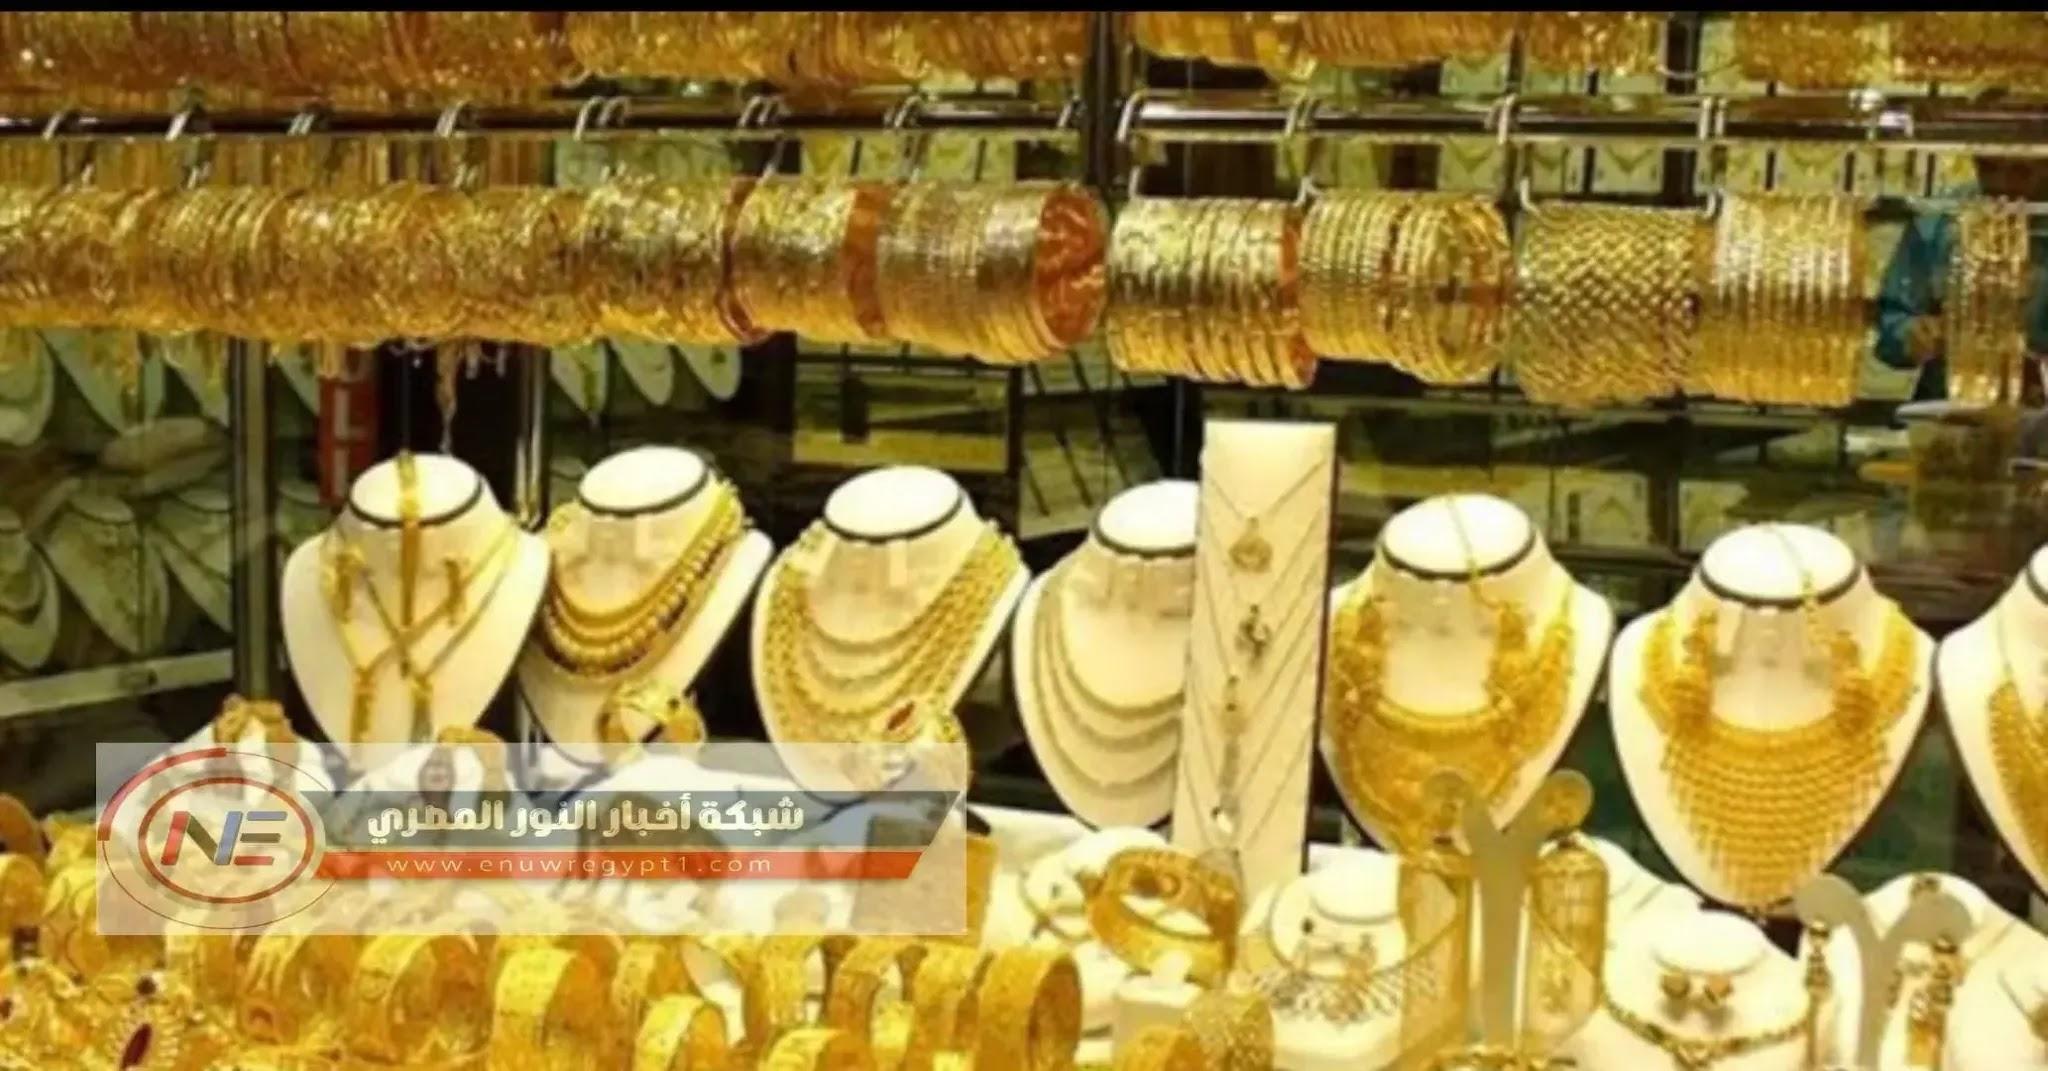 سعر الذهب في مصر اليوم |نزول في اسعار الذهب في مصر اليوم الجمعة 26-03-2021 |اسعار الذهب اليوم في الاسواق المصرية و العالمية